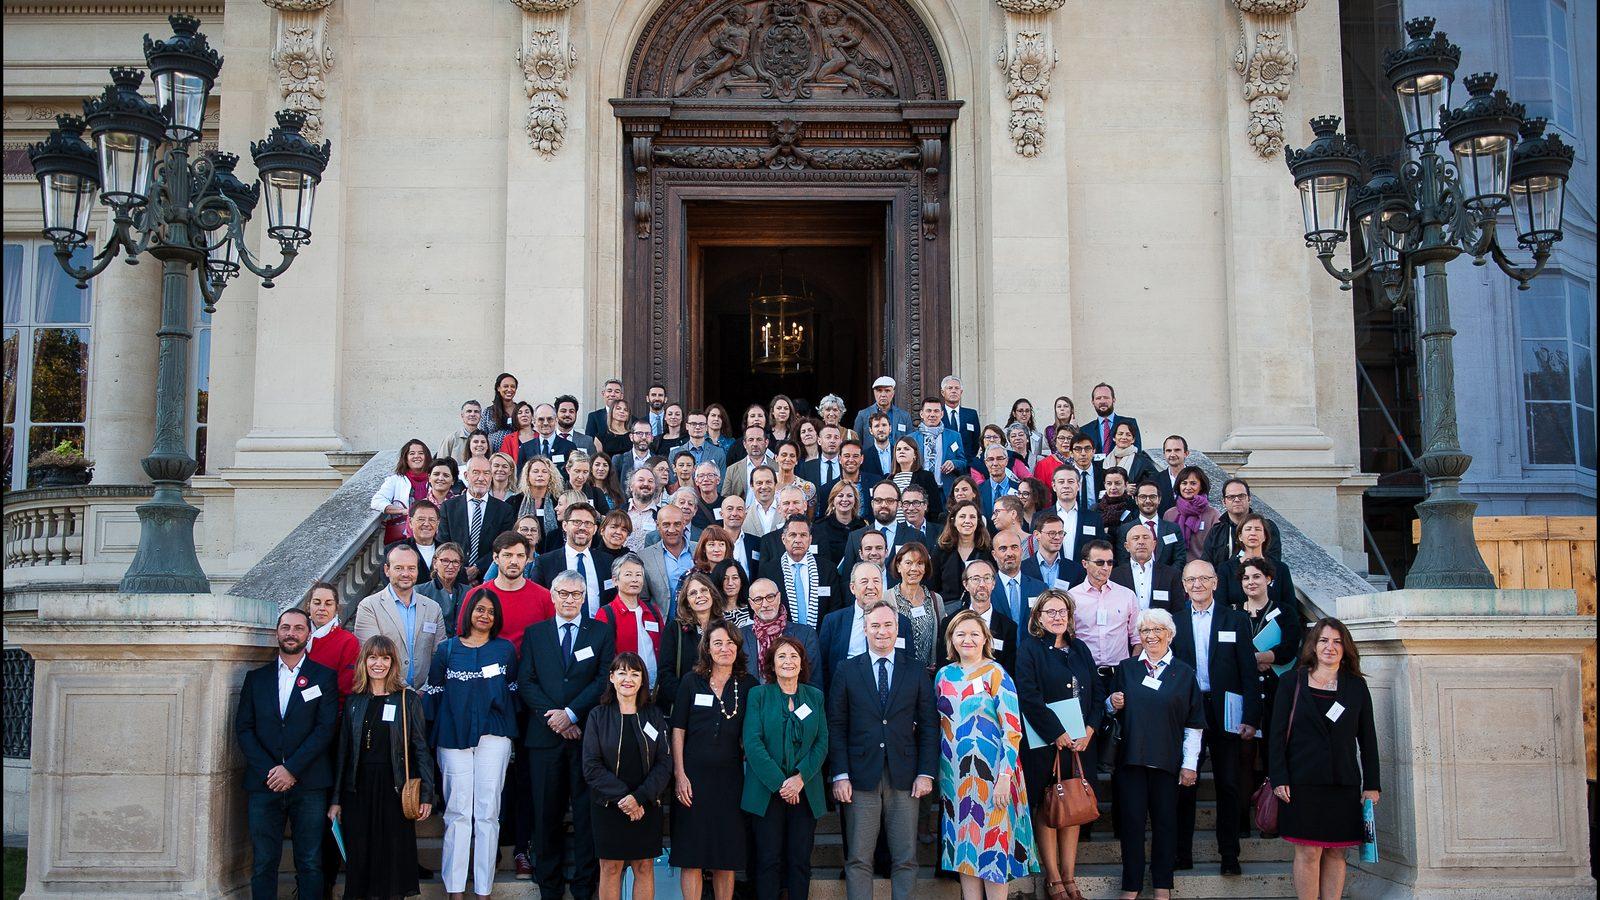 Promouvoir le tourisme de savoir-faire à travers le monde grâce au lancement de la marque « France savoir-faire d'excellence»